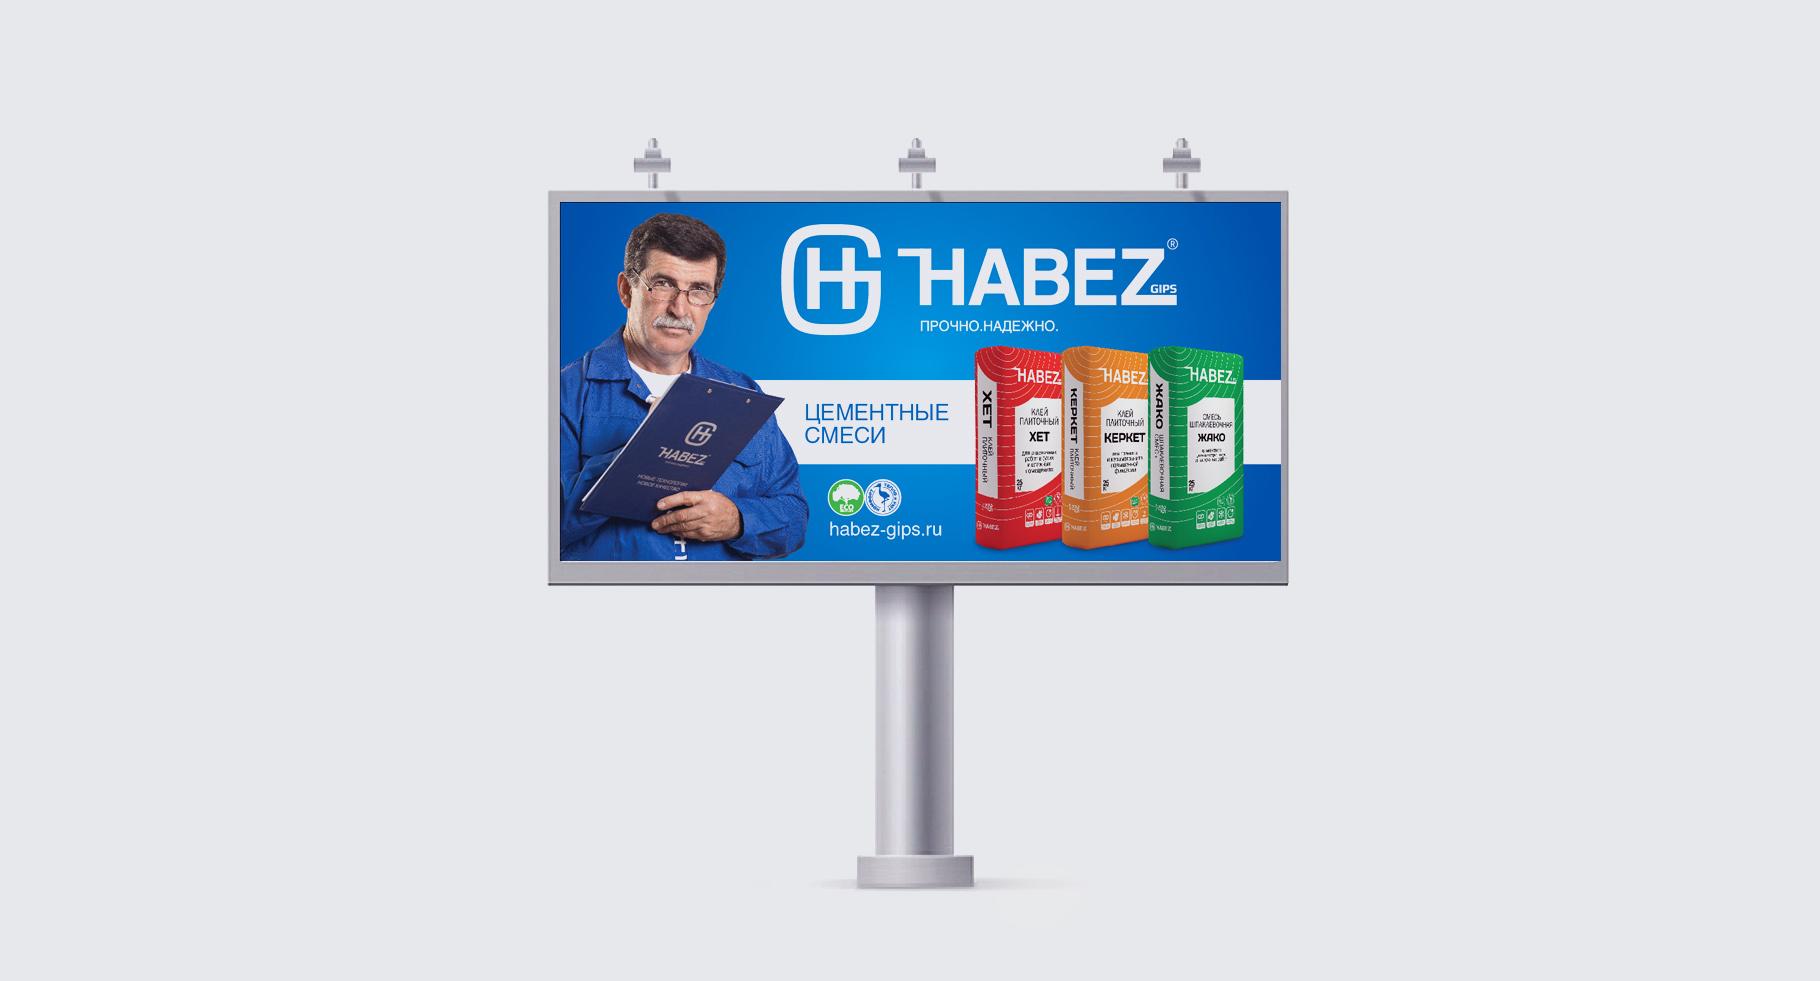 Фирменный персонаж строительные материалы щебень купить в Ижевск области